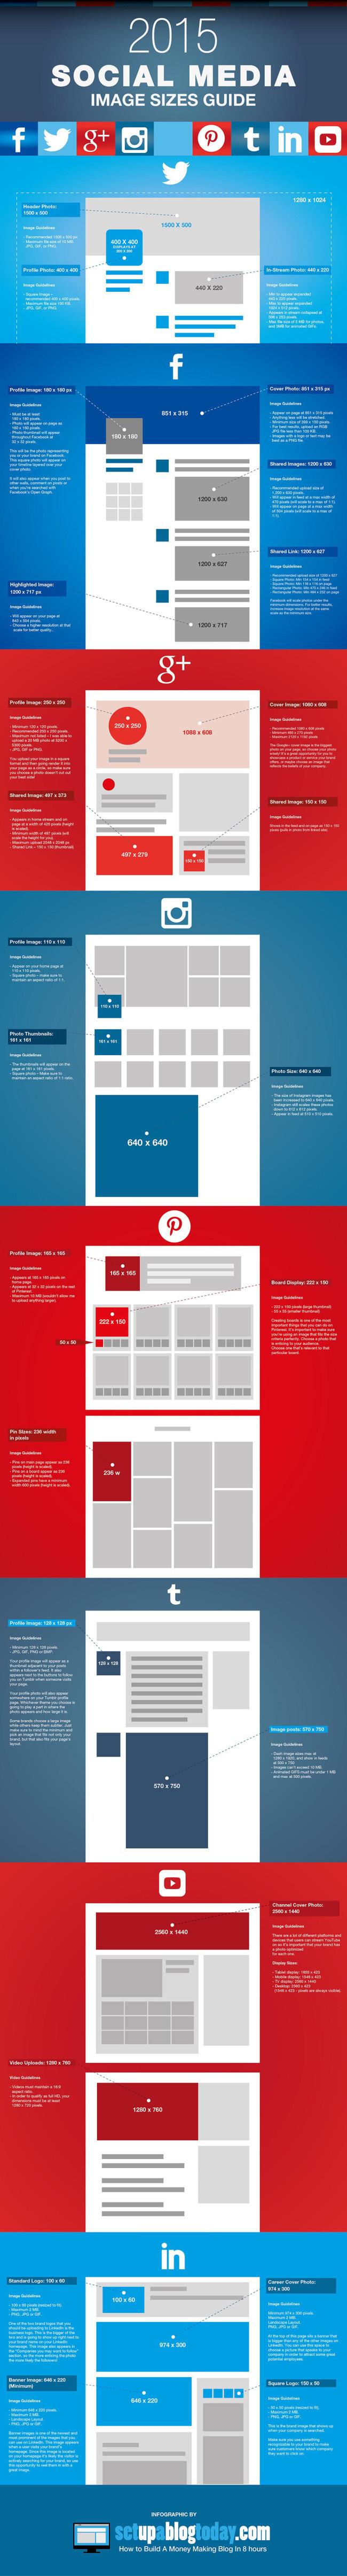 Social Media Image Sizes Guide for 2015